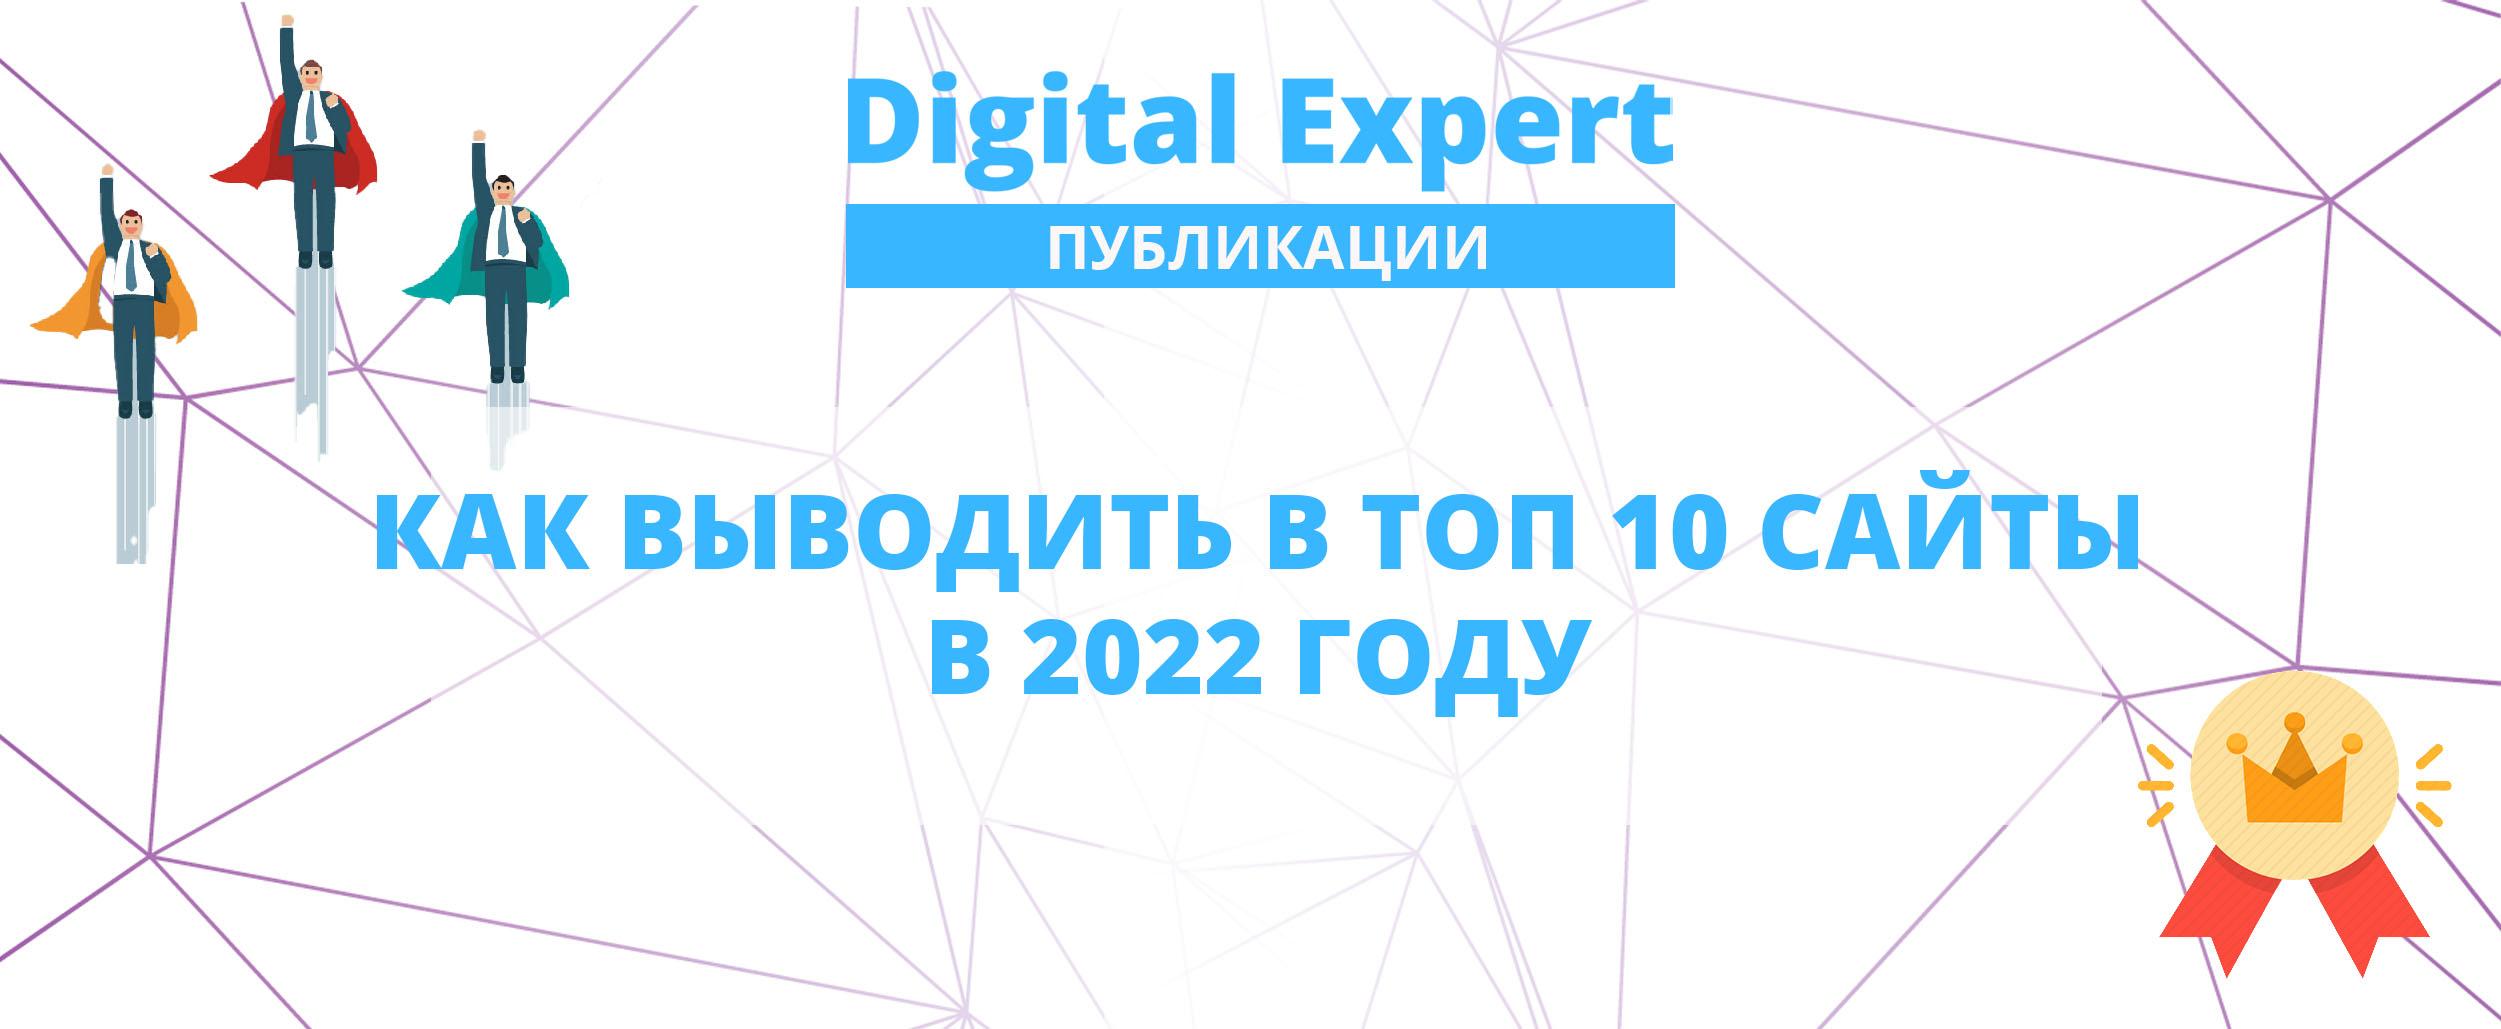 Как выводить в ТОП 10 сайты в 2020 году?